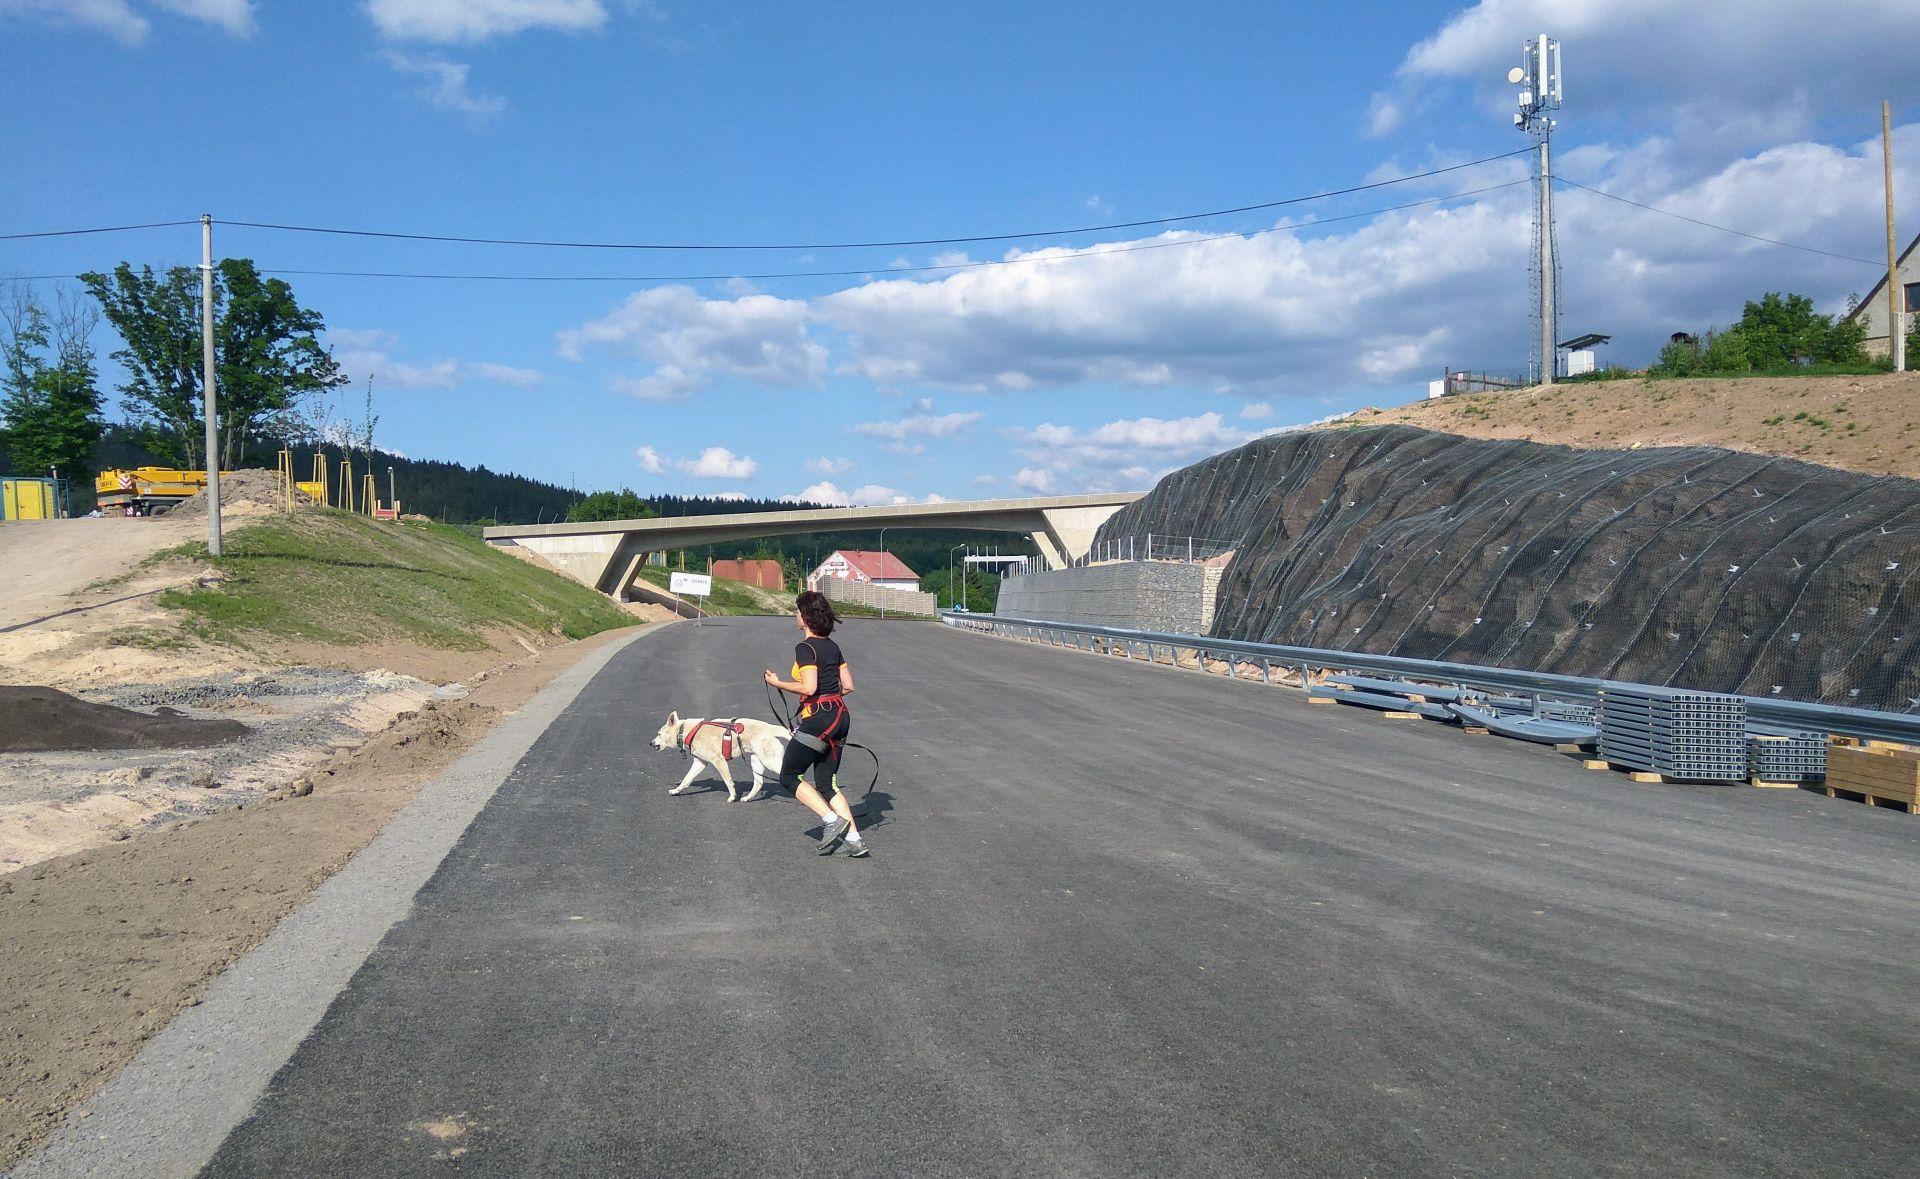 Nová silnice I/14 zkrátí cestování mezi oběma městy o několik minut. Foto: Jan Sůra